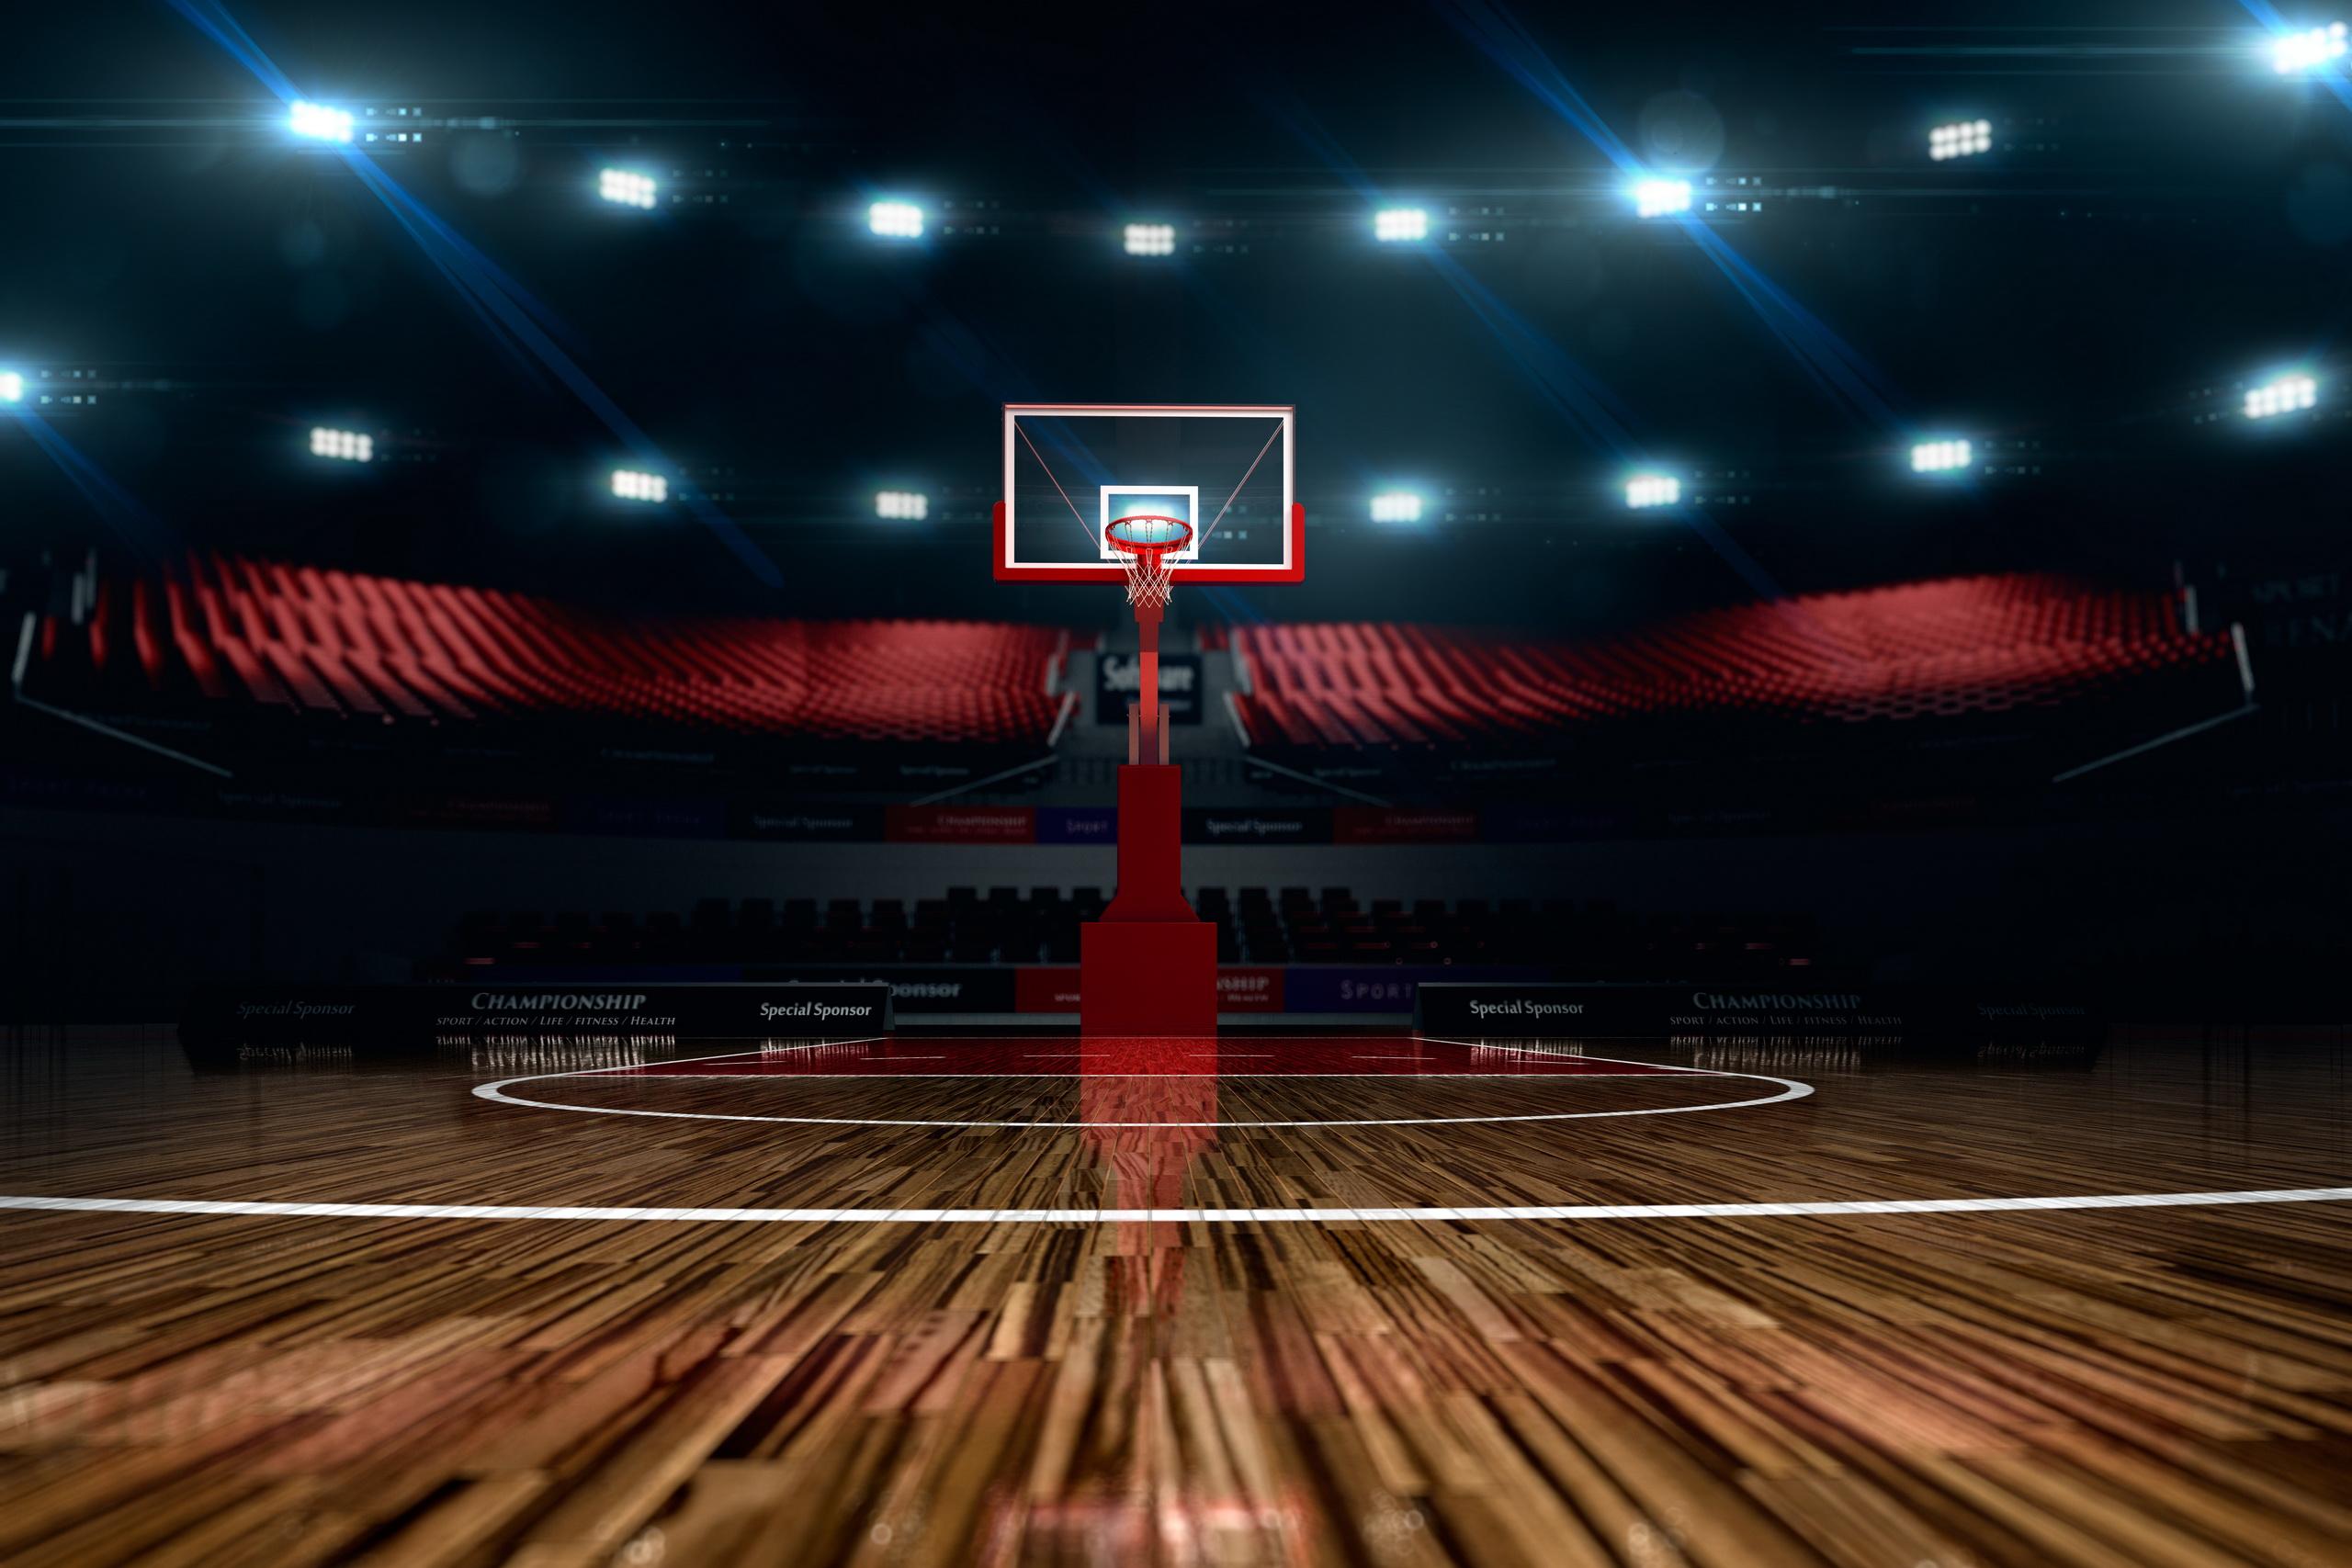 Imágenes Deportes Fondos: Baloncesto Fondos De Pantalla, Fondos De Escritorio